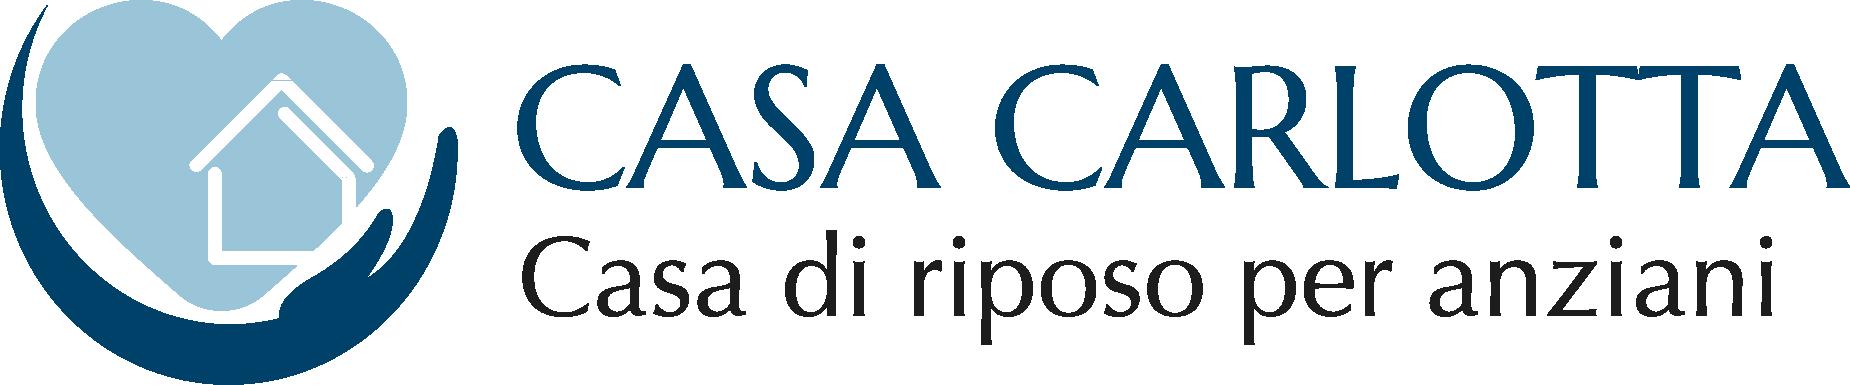 Casa Carlotta